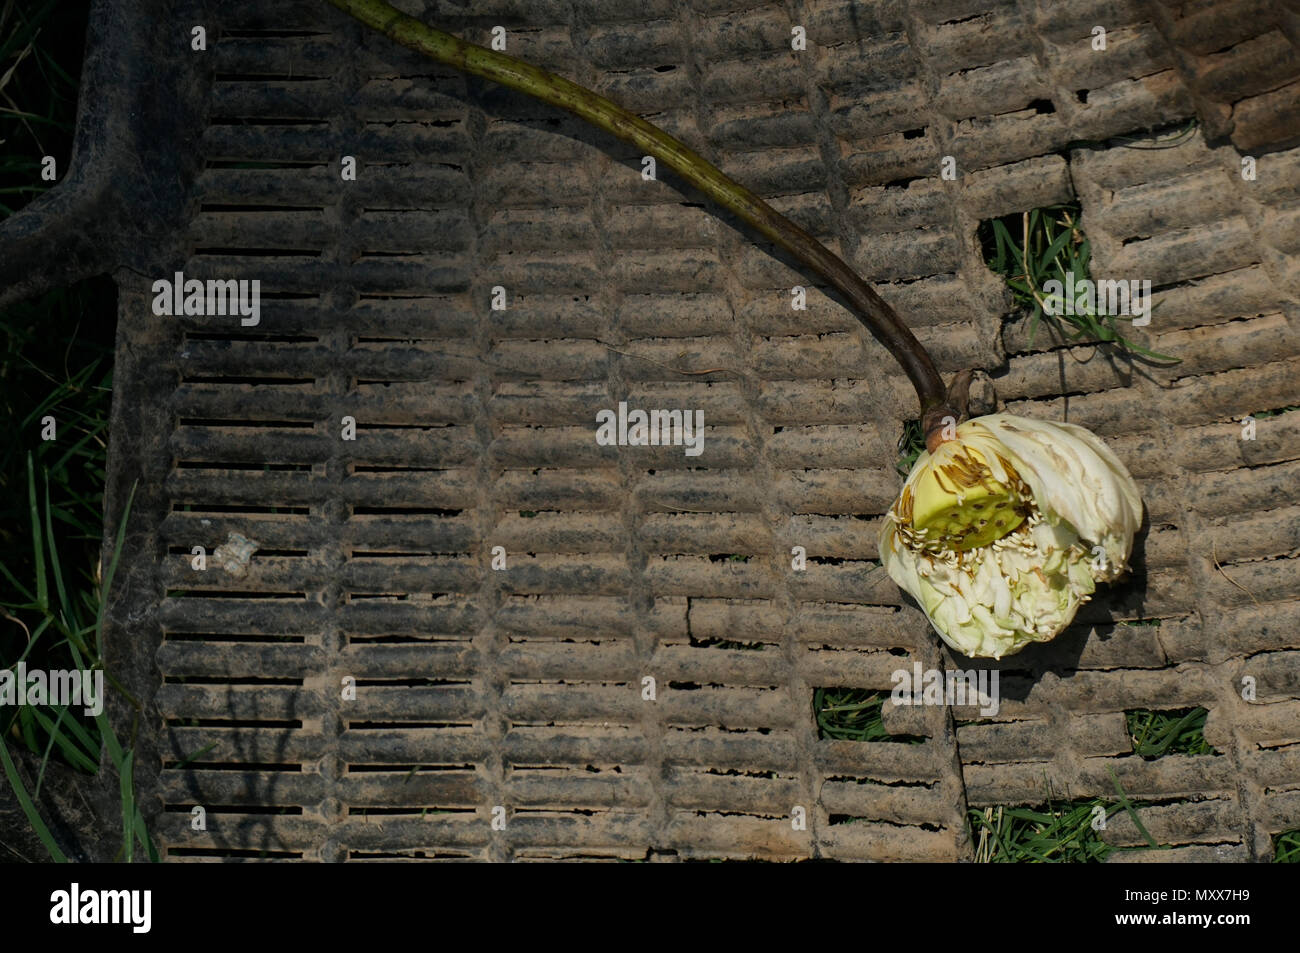 Dead lotus flower in basket stock photo 188661461 alamy dead lotus flower in basket izmirmasajfo